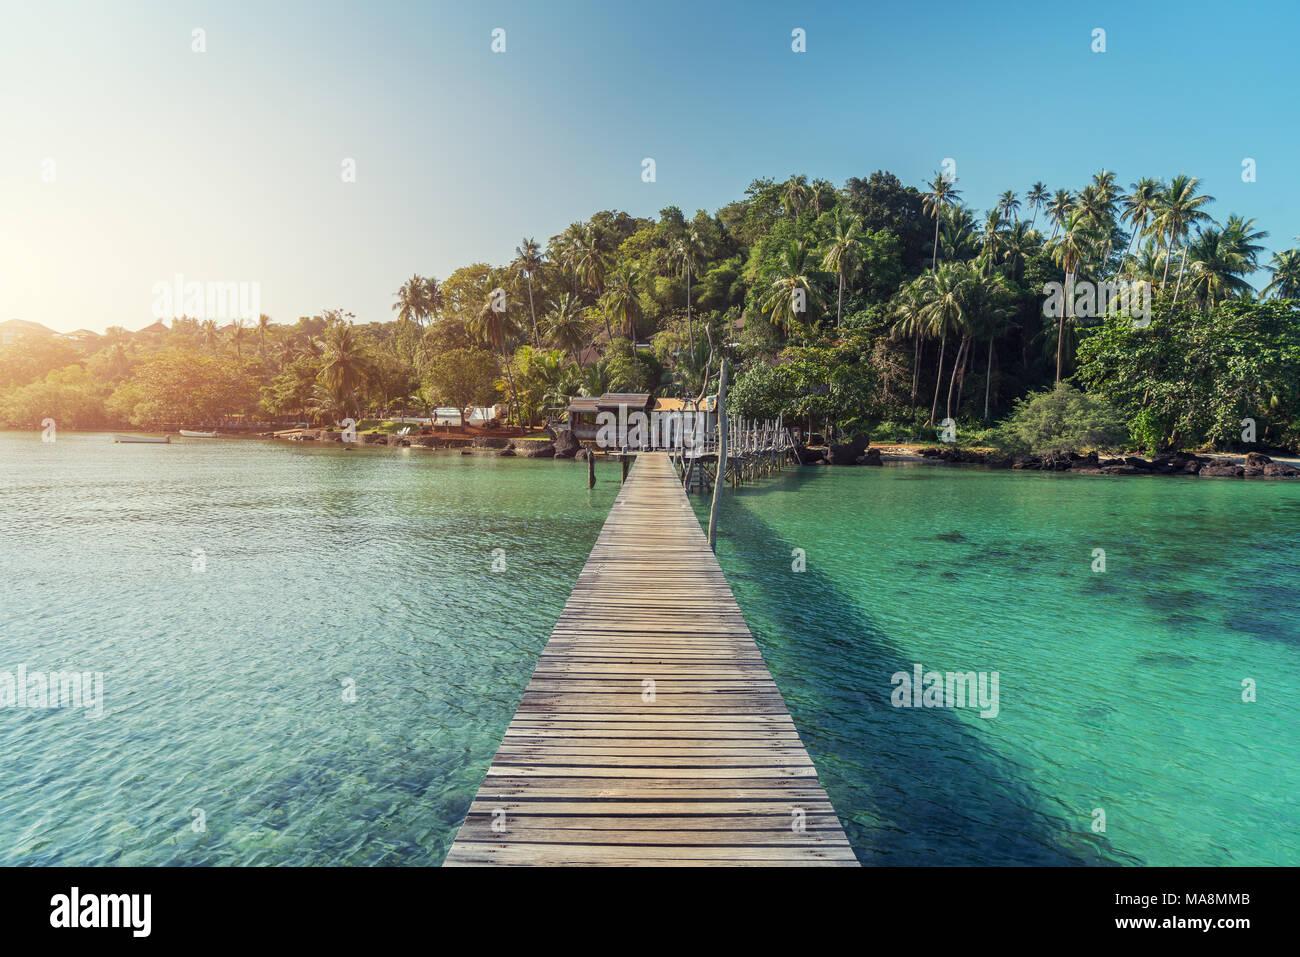 Holzsteg auf einer kleinen Insel im Sommer Meer bei Phuket, Thailand. Sommer, Ferien, Reisen und Urlaub. Stockbild